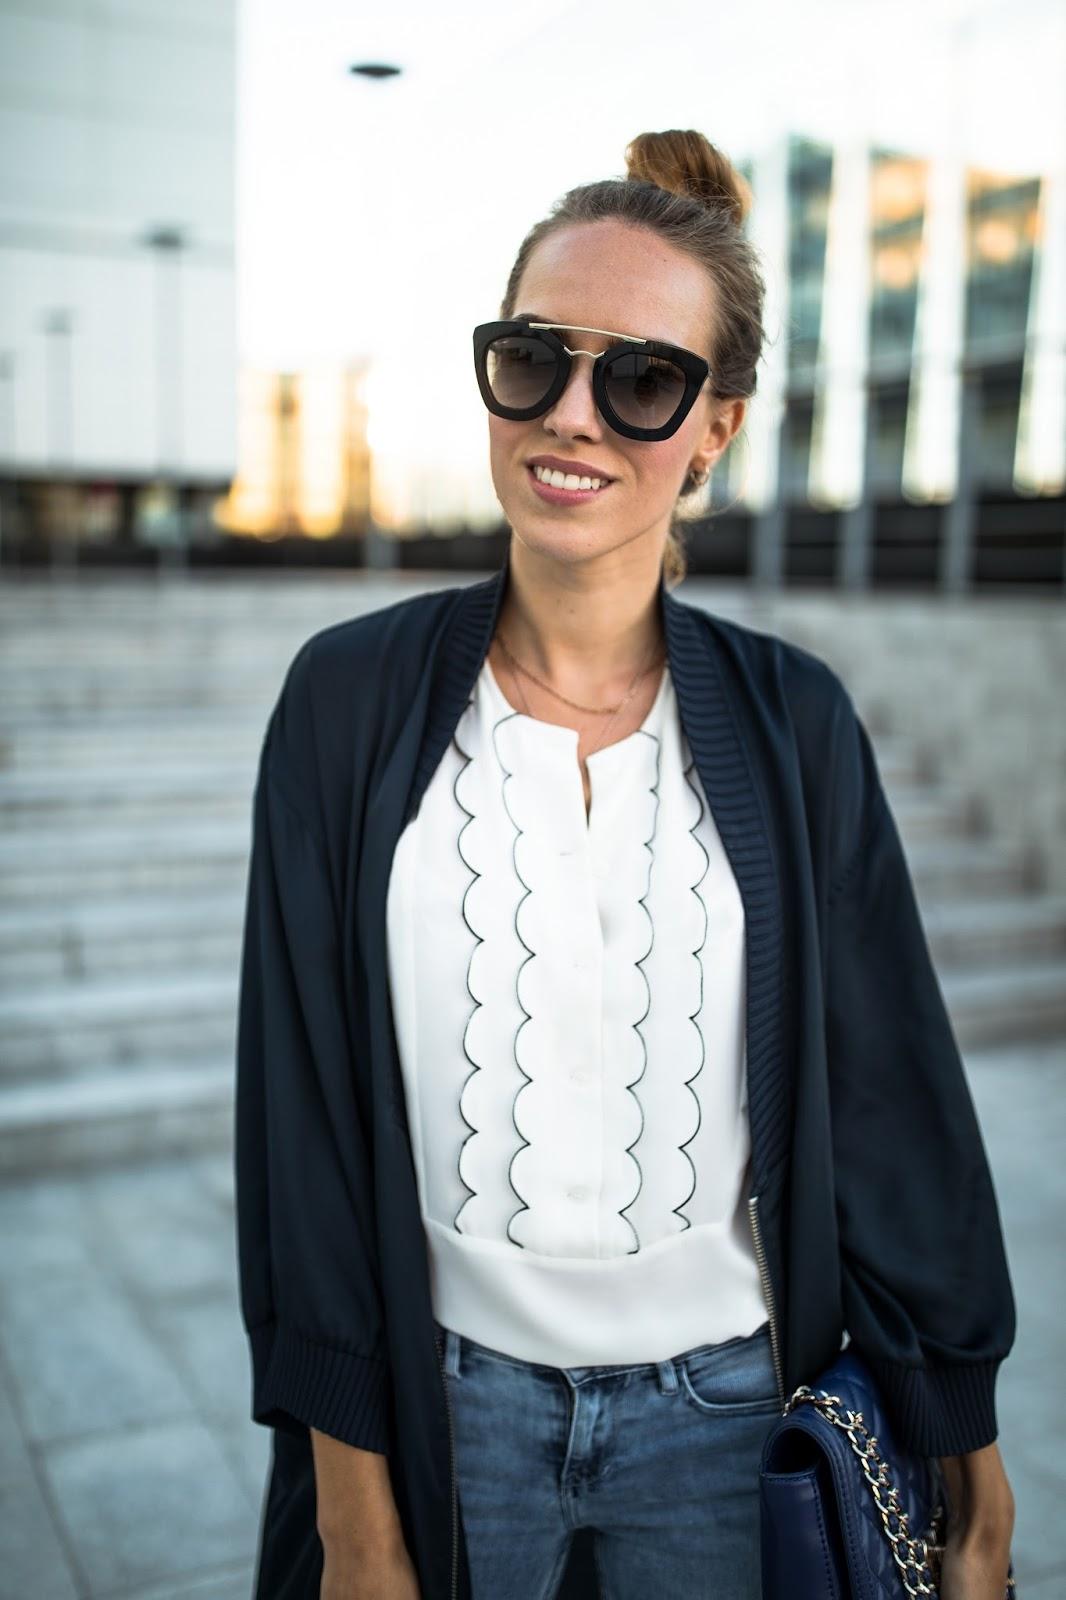 prada sunglasses outfit summer